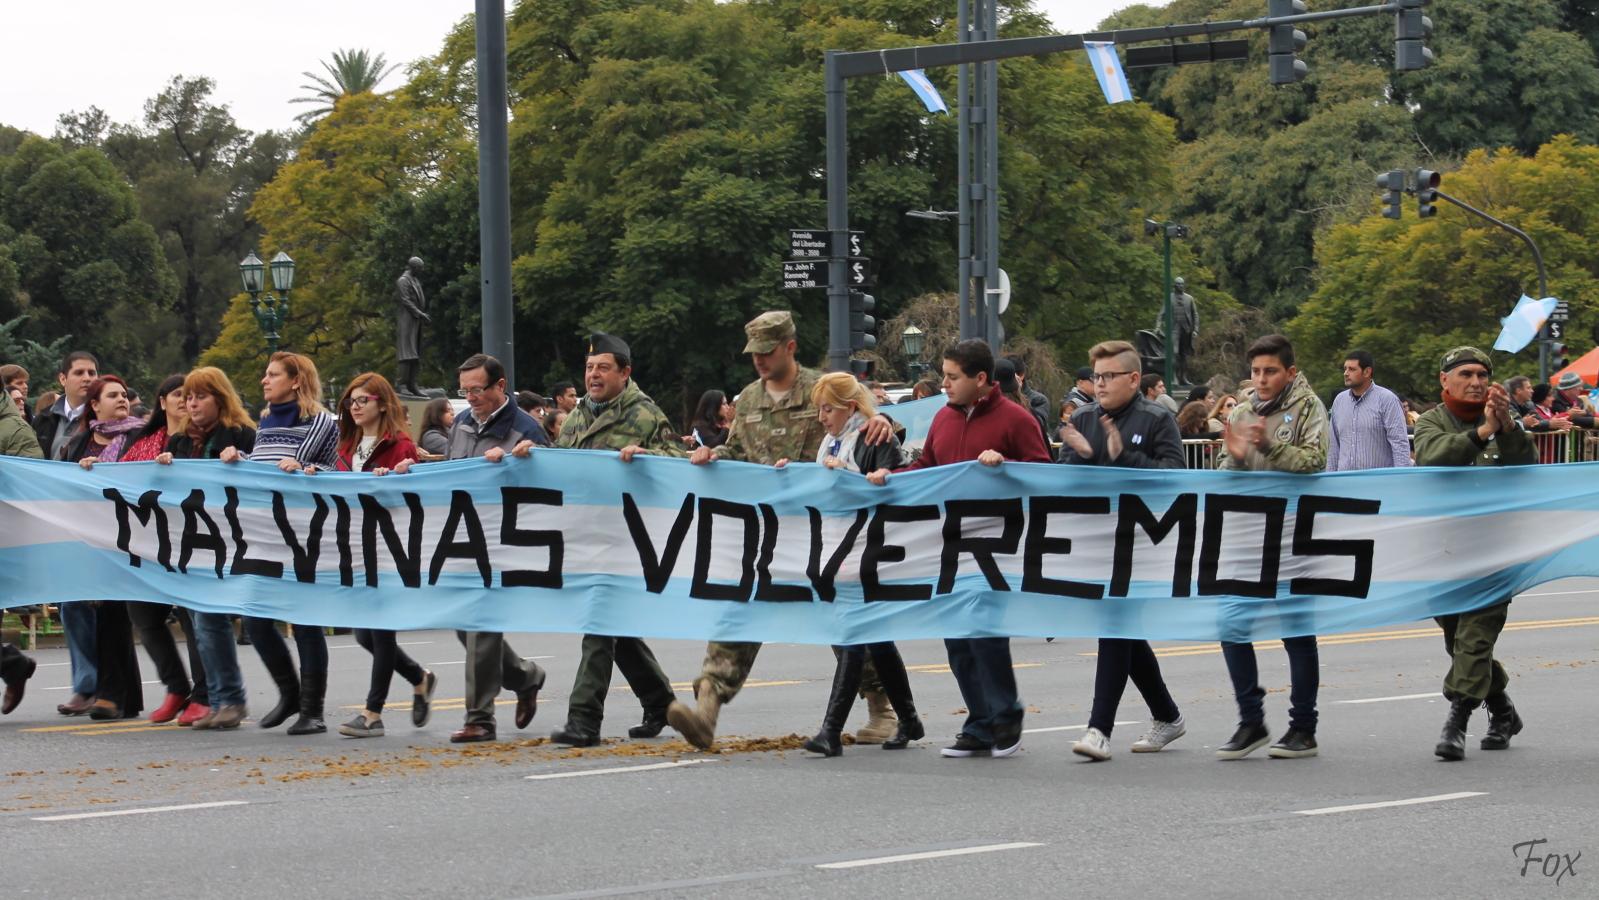 BICENTENARIO DE LA INDEPENDENCIA ARGENTINA - Página 2 2aqlxe